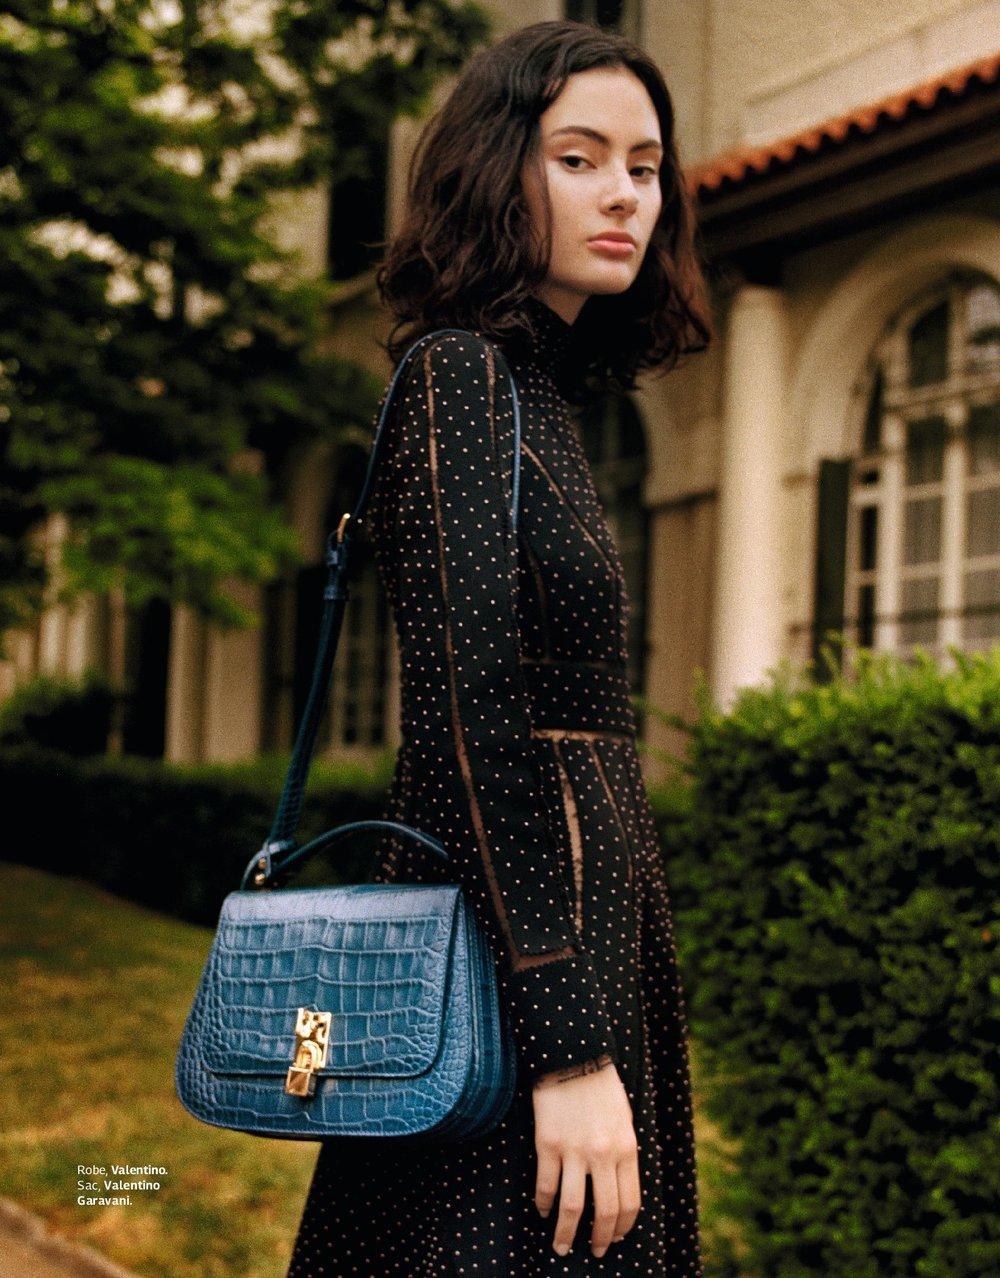 413-Fashion-story-014.jpg